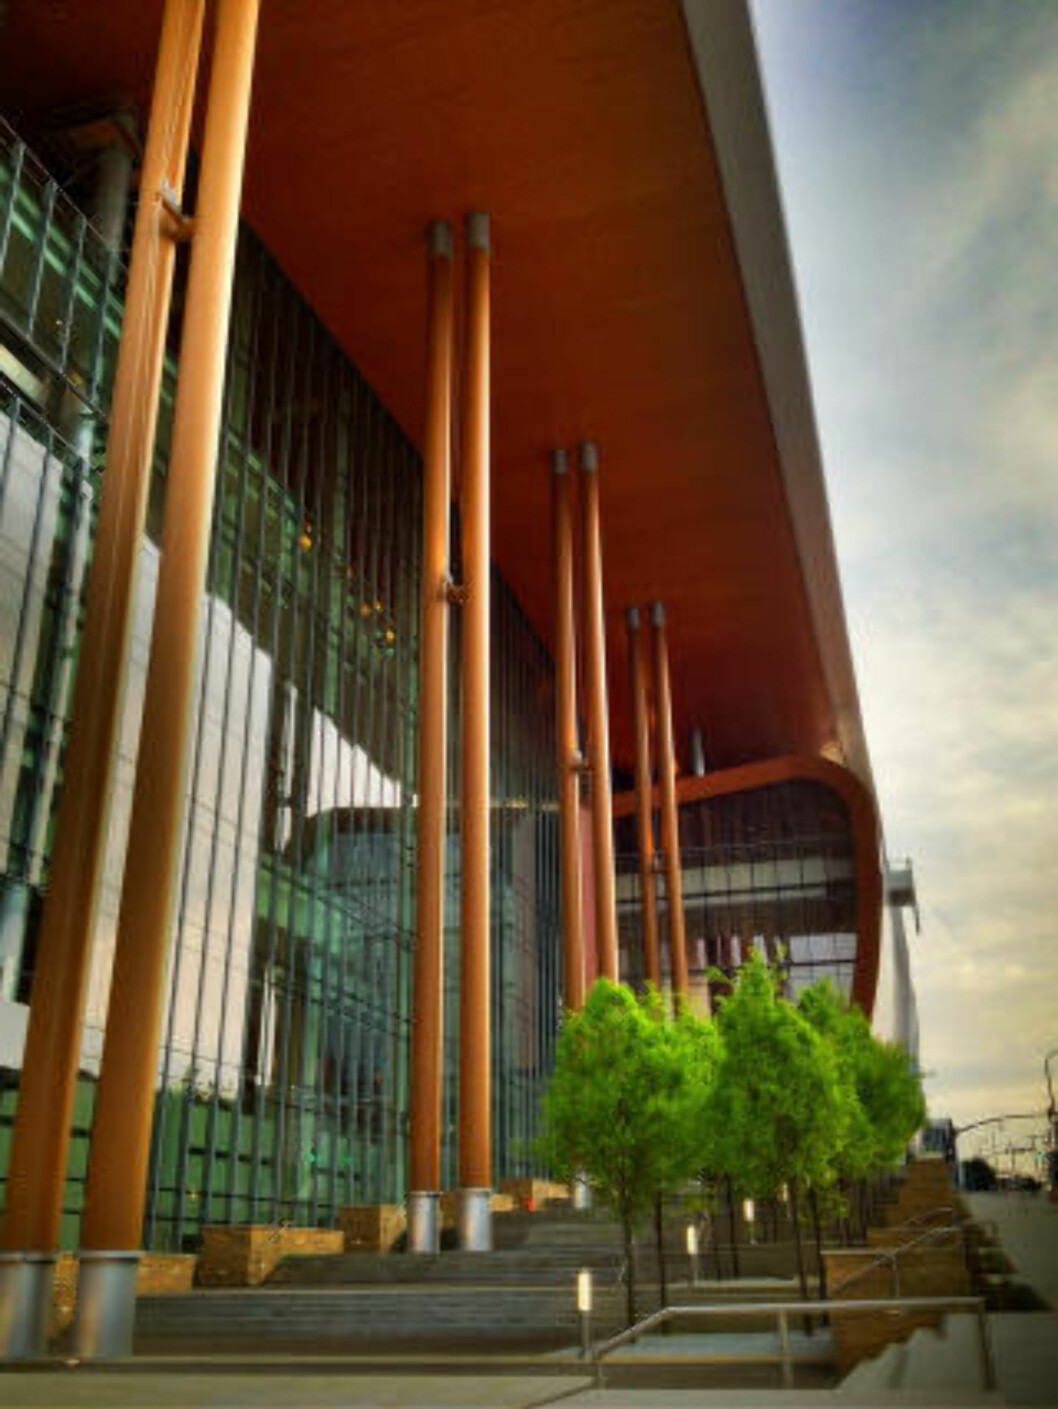 <strong>NASHVILLE:</strong> Årsaken til boomen av nye restauranter er byens nye musikksenter - Music City Center - som åpnet i fjor, i tillegg til at nabolag som East Nashville og Hillsboro Village er i ferd med å gjenoppstå. Foto: TIMOTHY J CARROLL/CREATIVE COMMONS